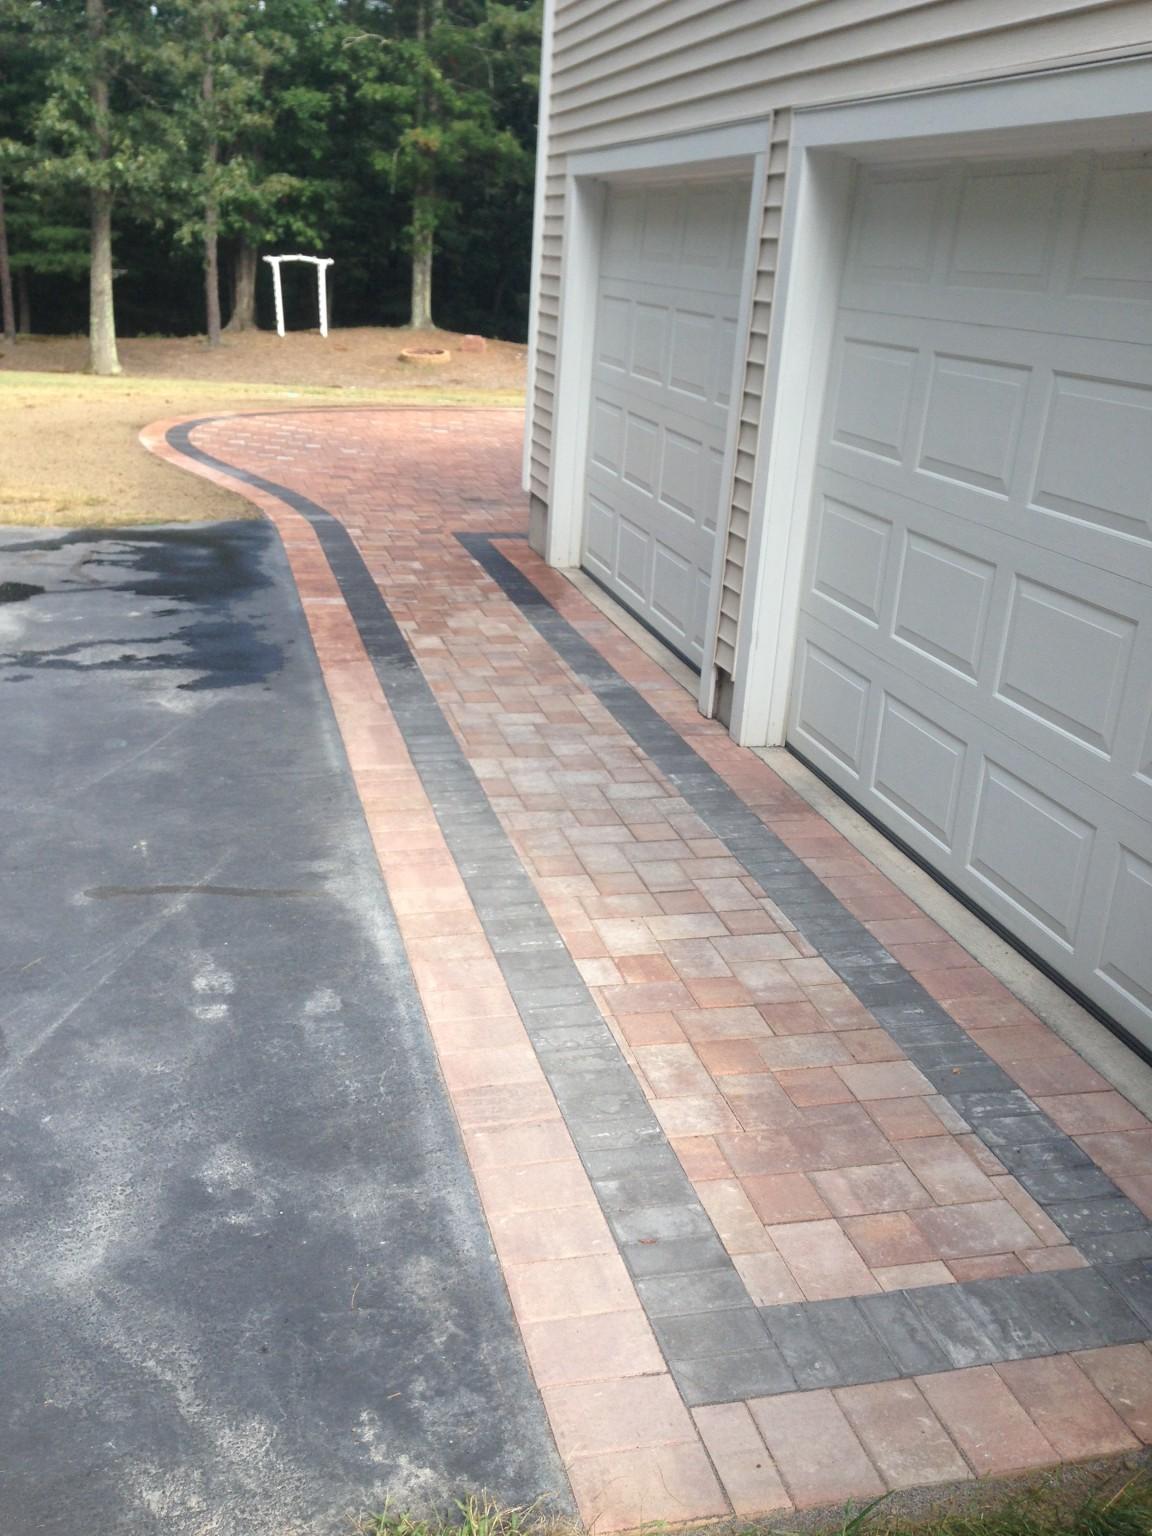 driveway-aprons_32199706084_o